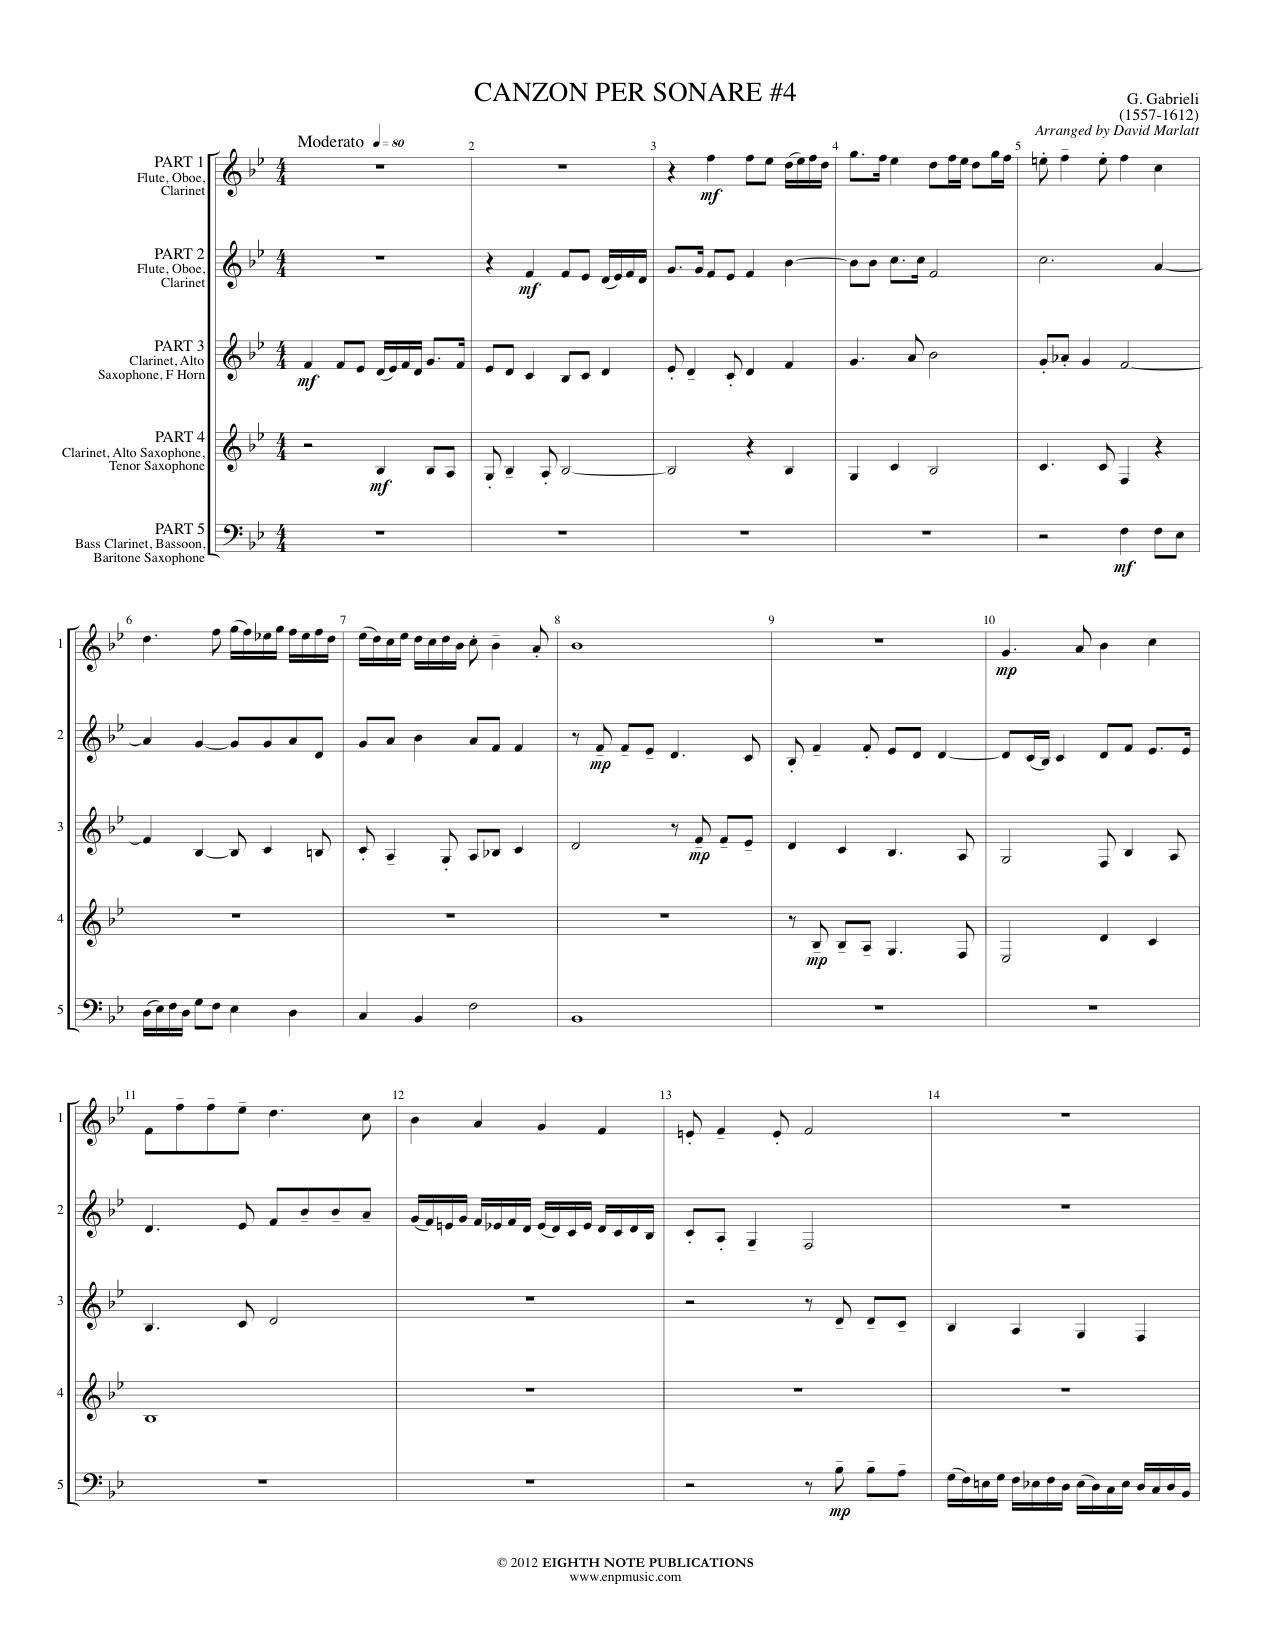 Canzon per sonare #4 - Giovanni Gabrieli